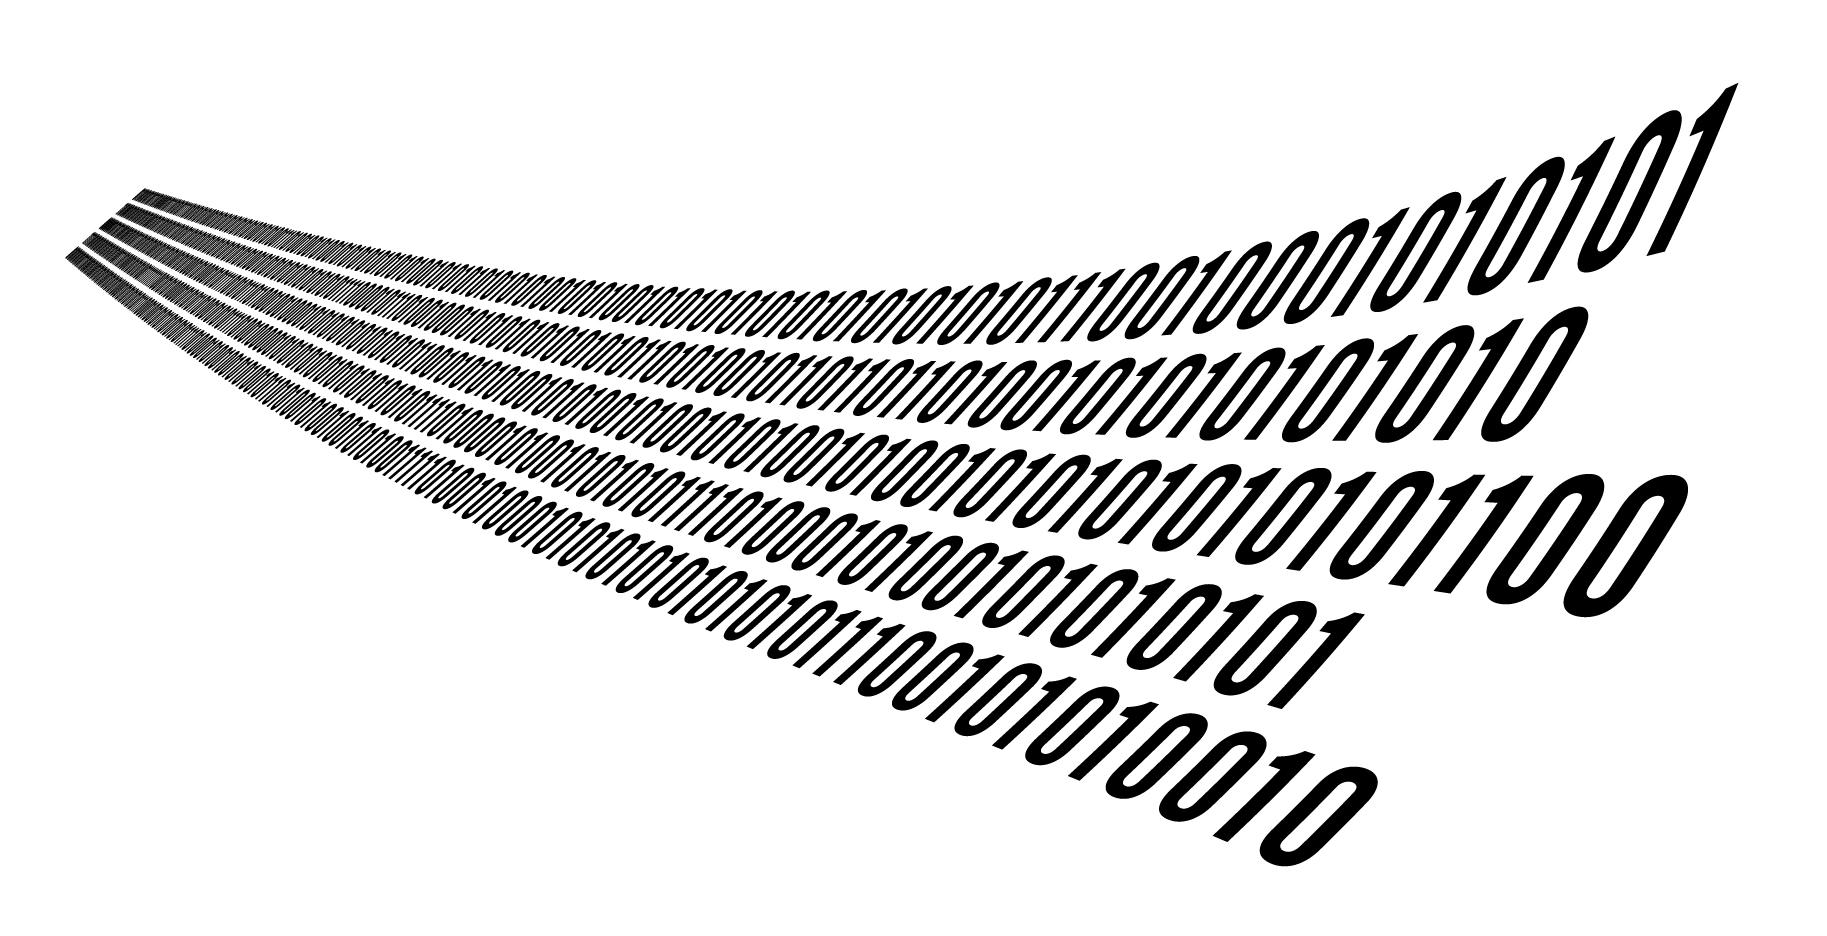 binary-curves_final.jpg